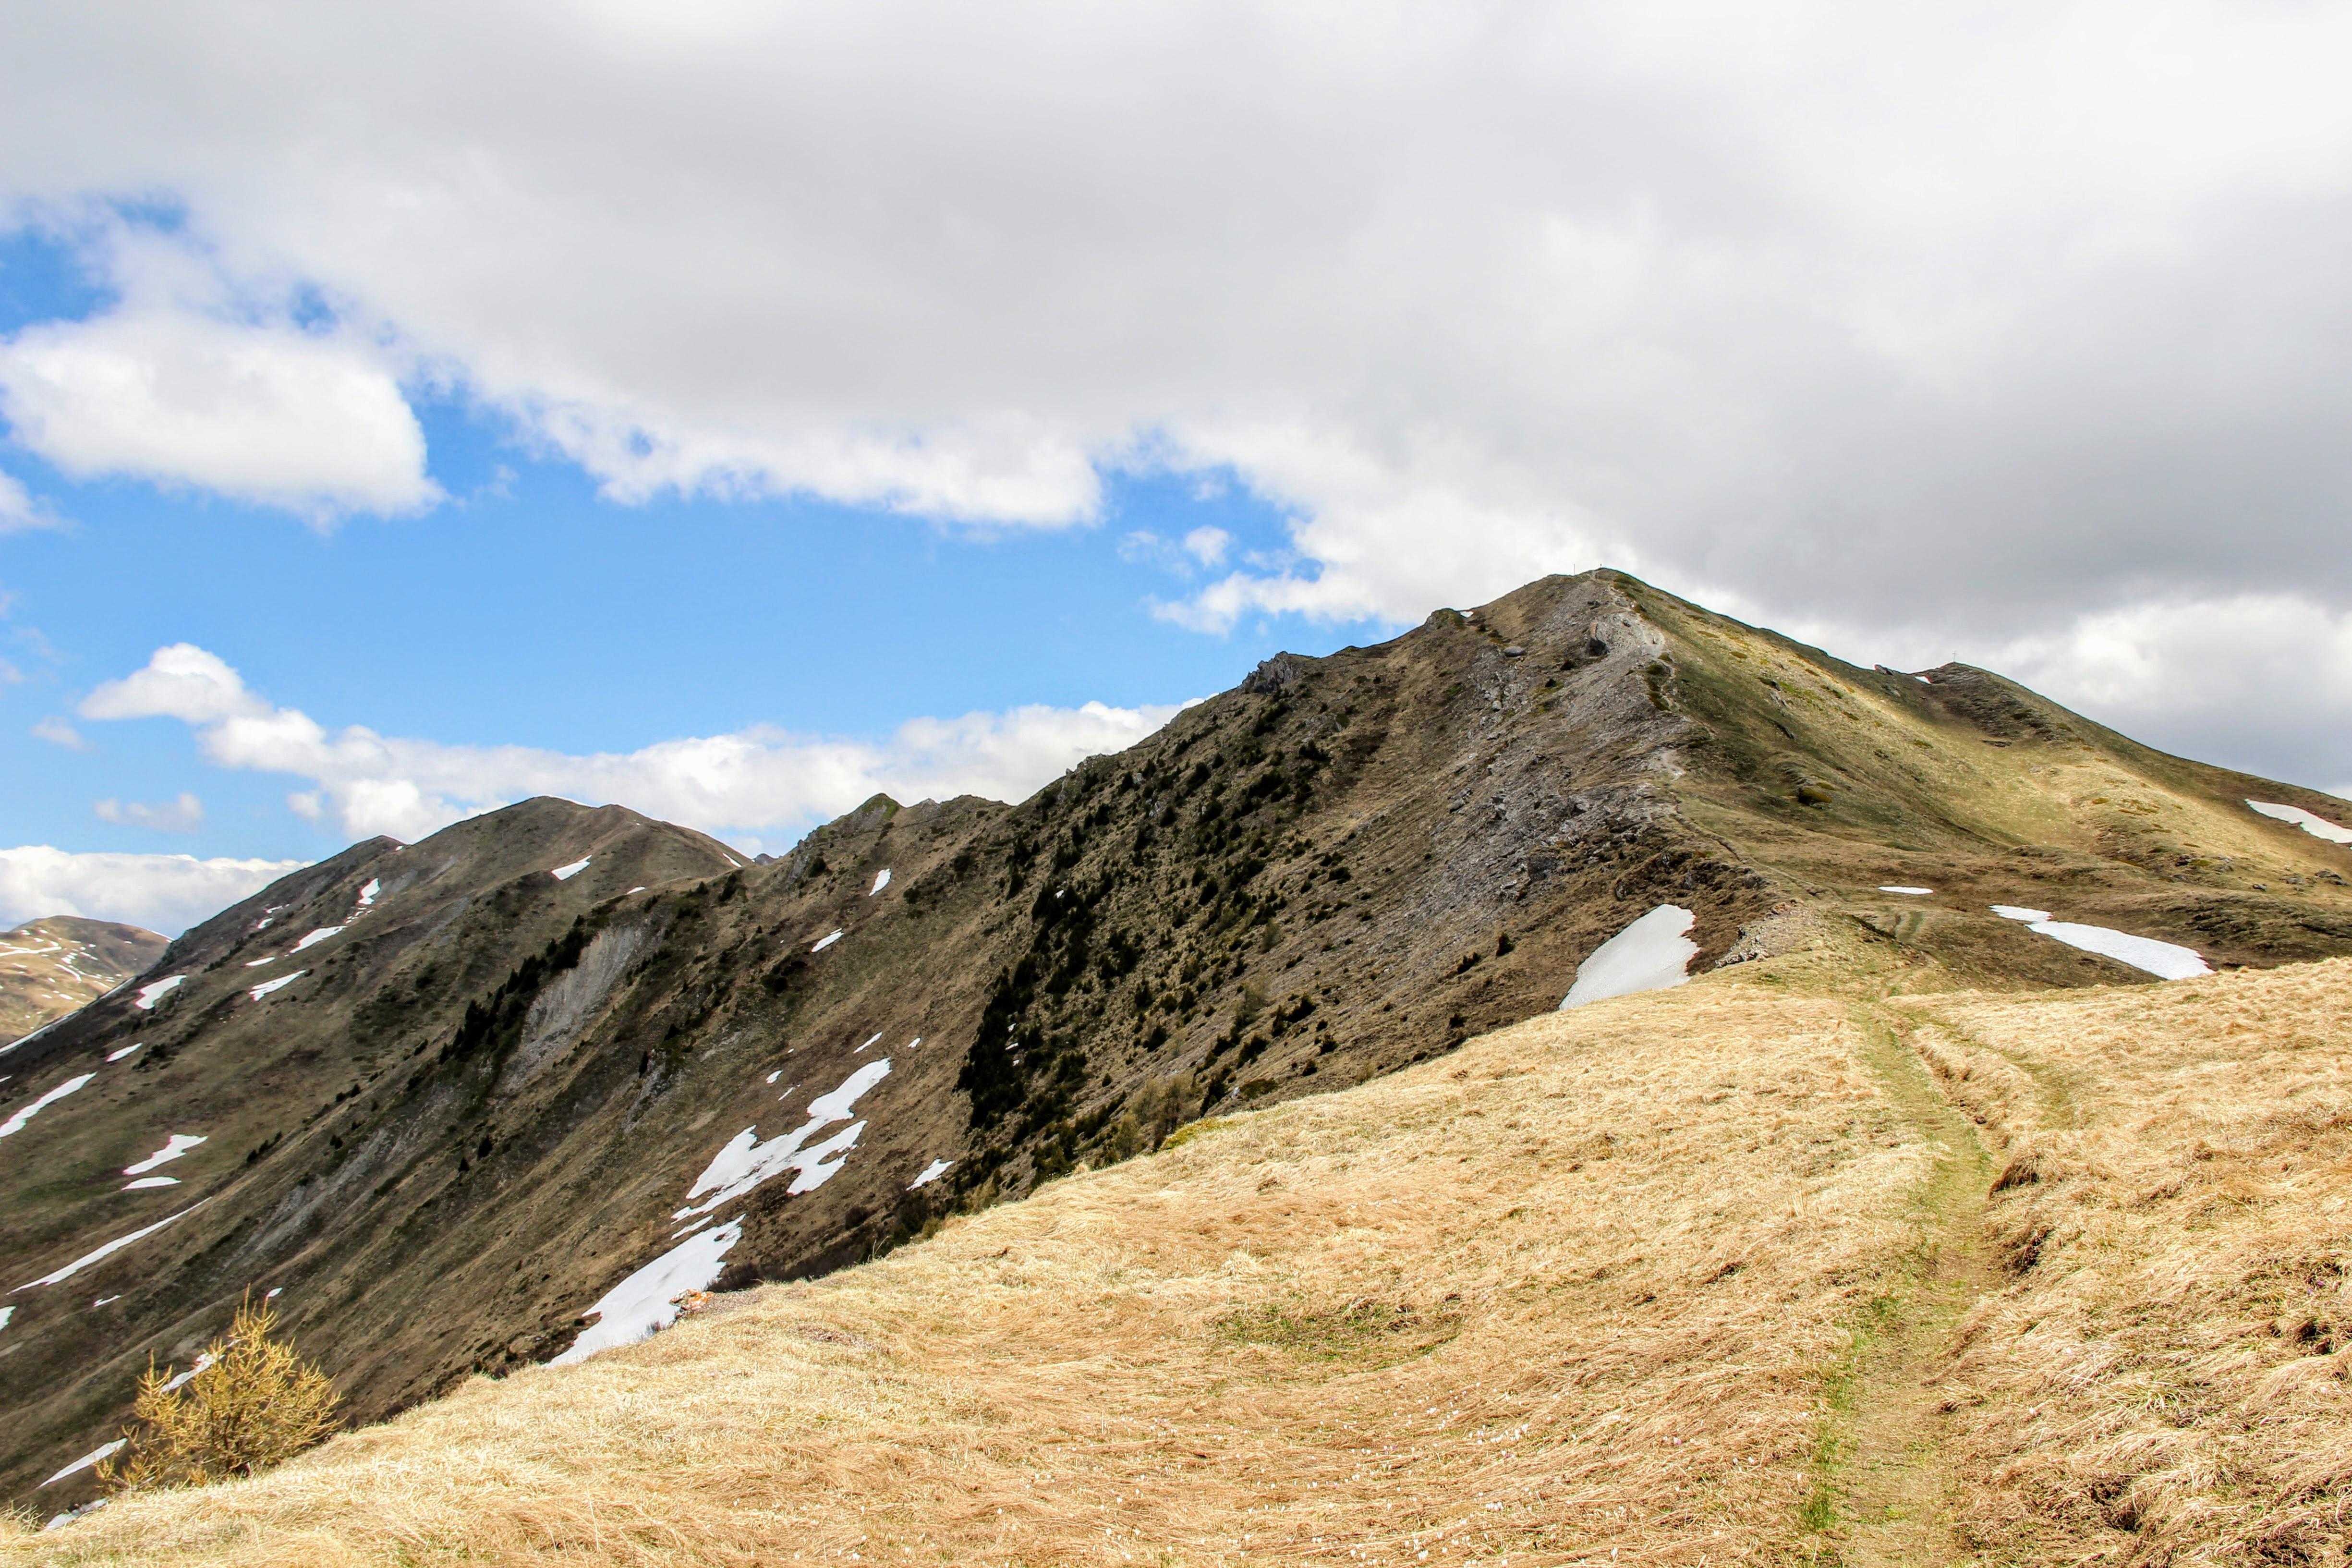 Le sommet est en vue